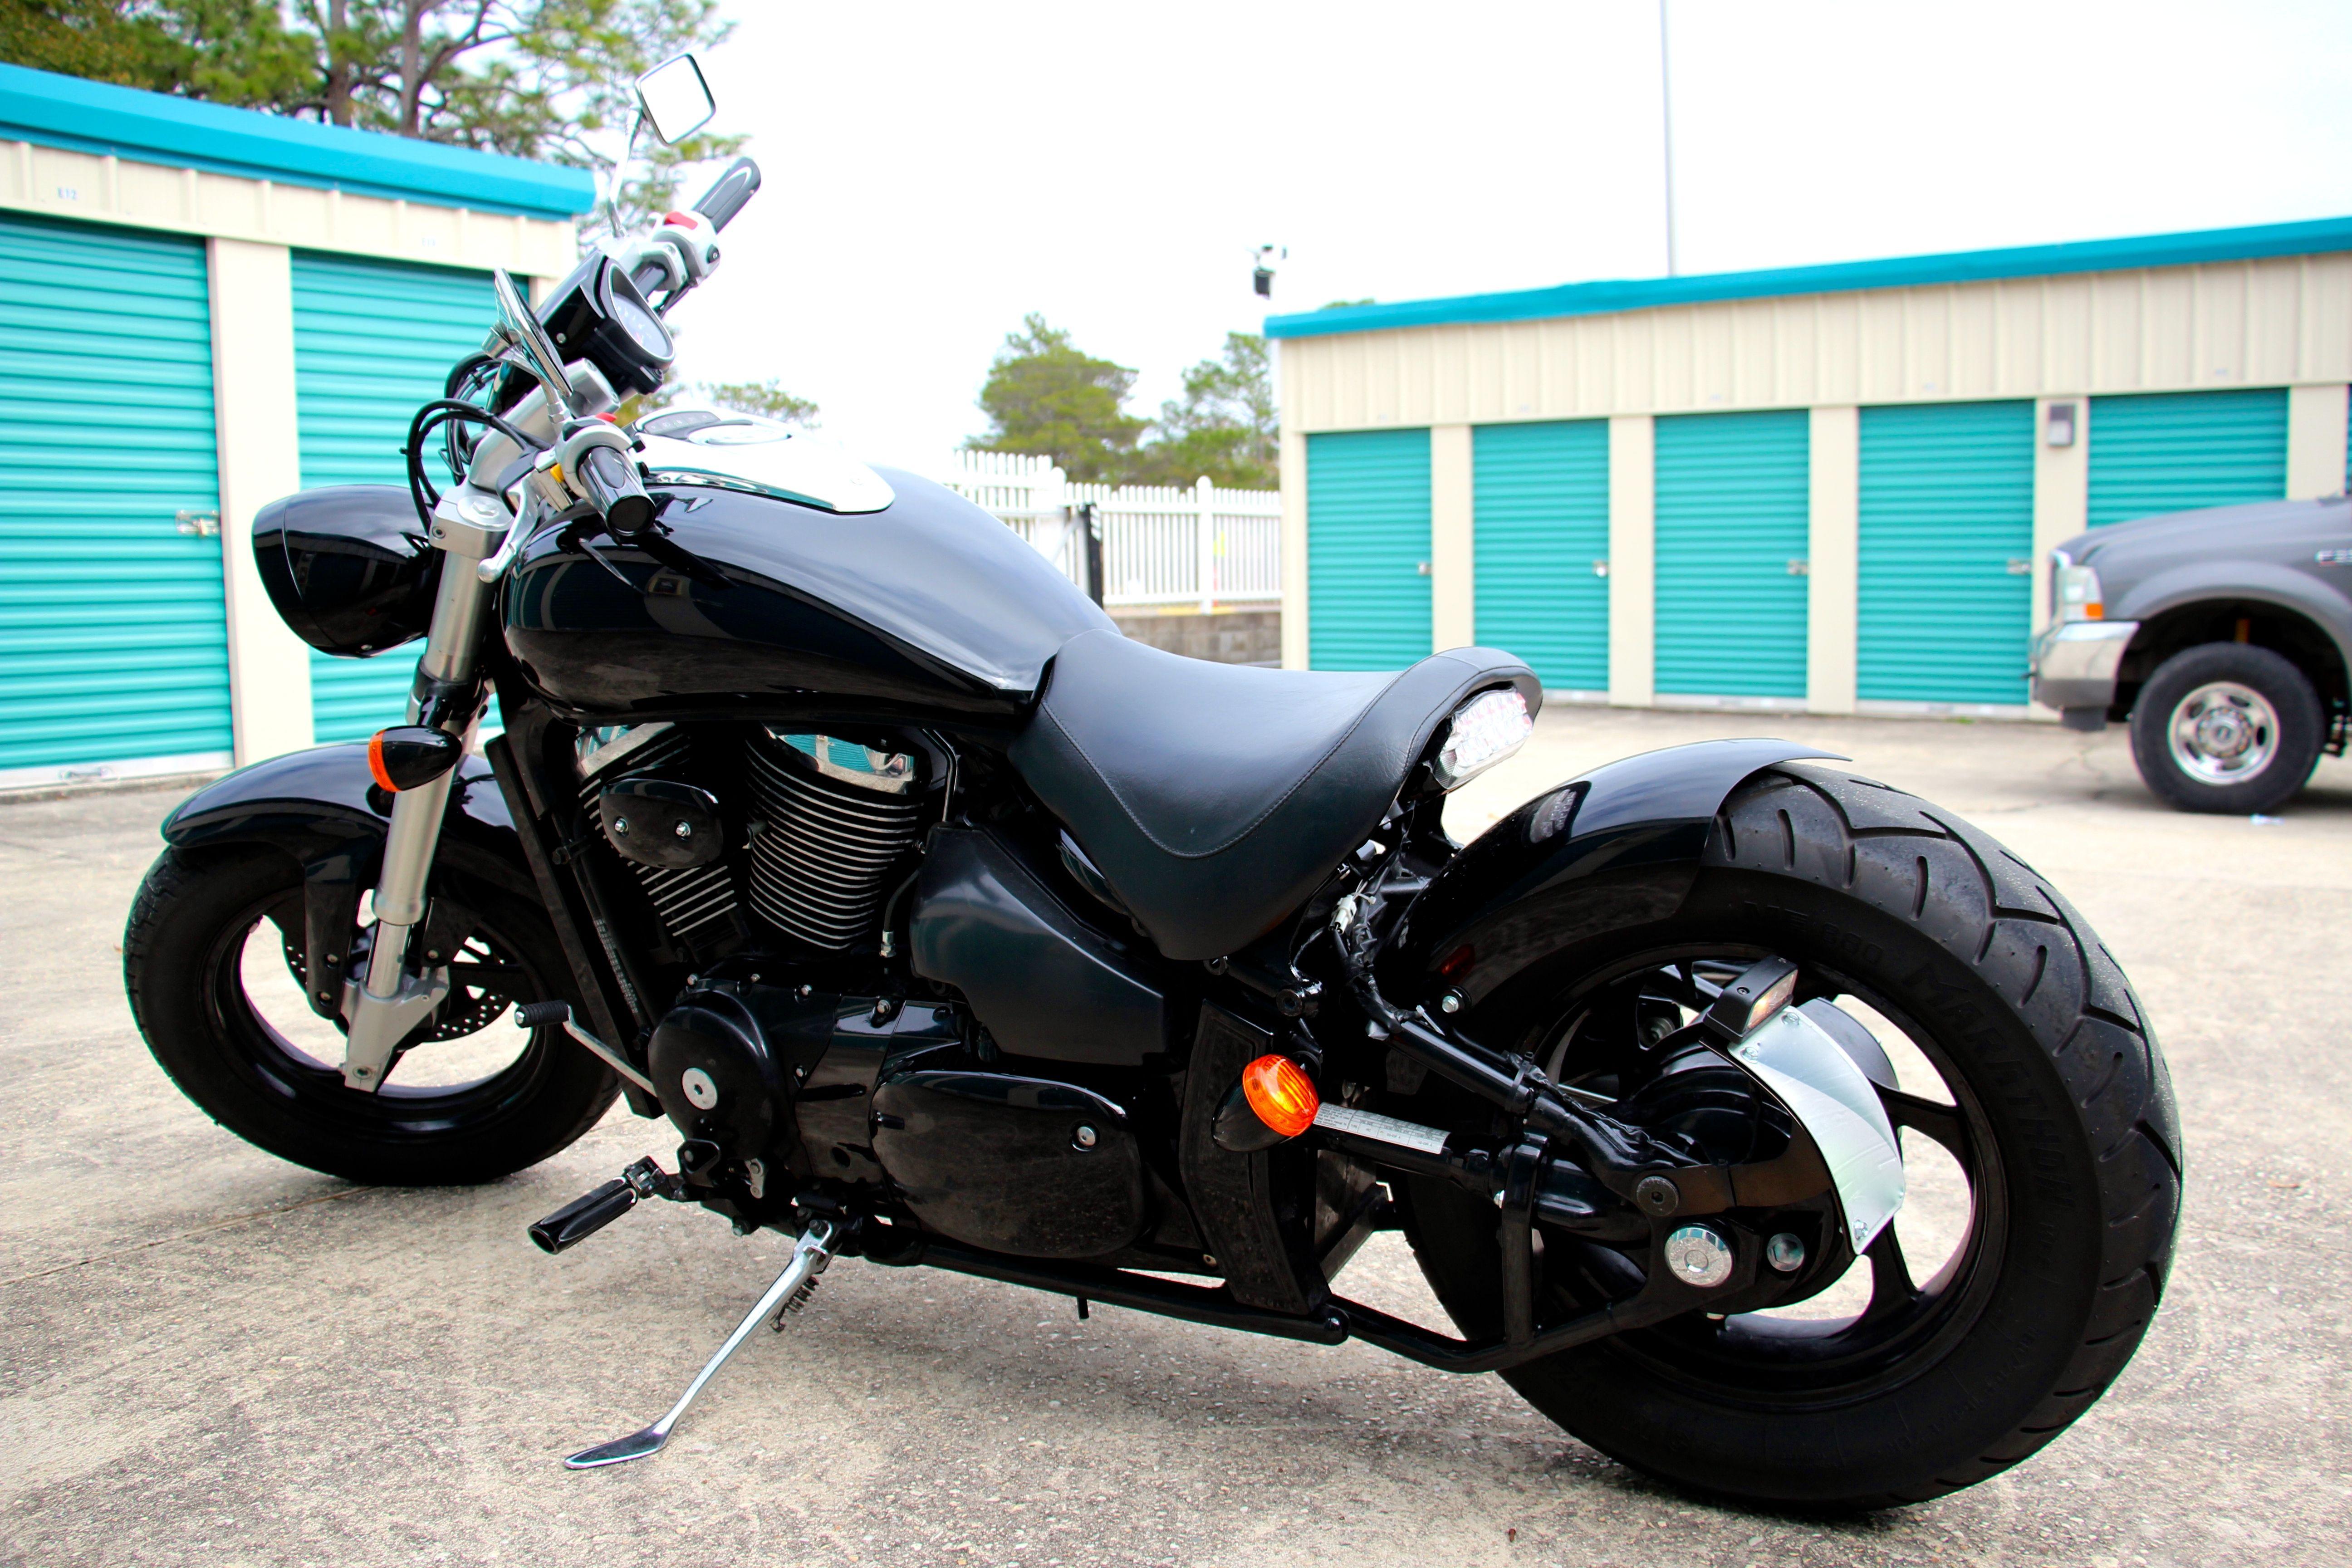 Suzuki 2007 M50 Boulevard Bobber Motorcycle Customization By Fukroc Designs Bobber Motorcycle Suzuki Motorcycle Motorcycle